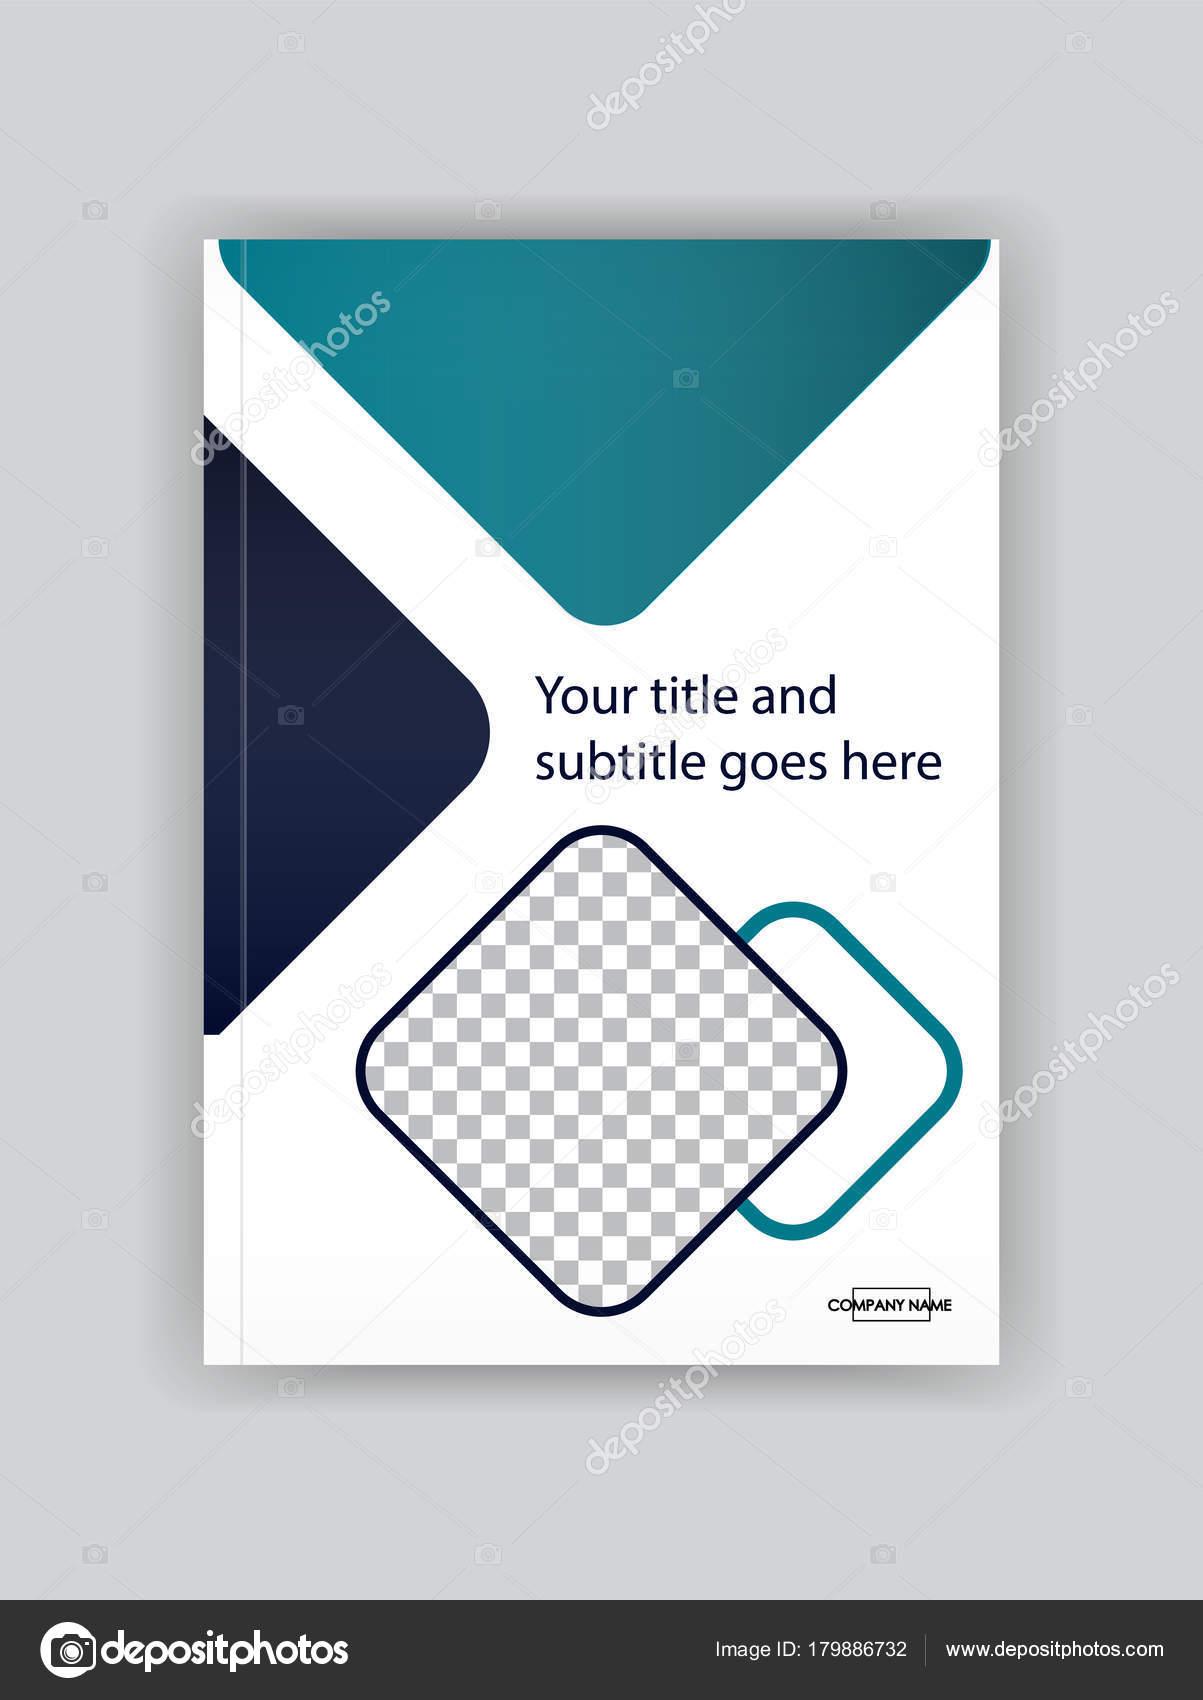 Business Deposit Book Cover ~ Бизнес шаблон дизайн обложки книги Хорошо для портфолио